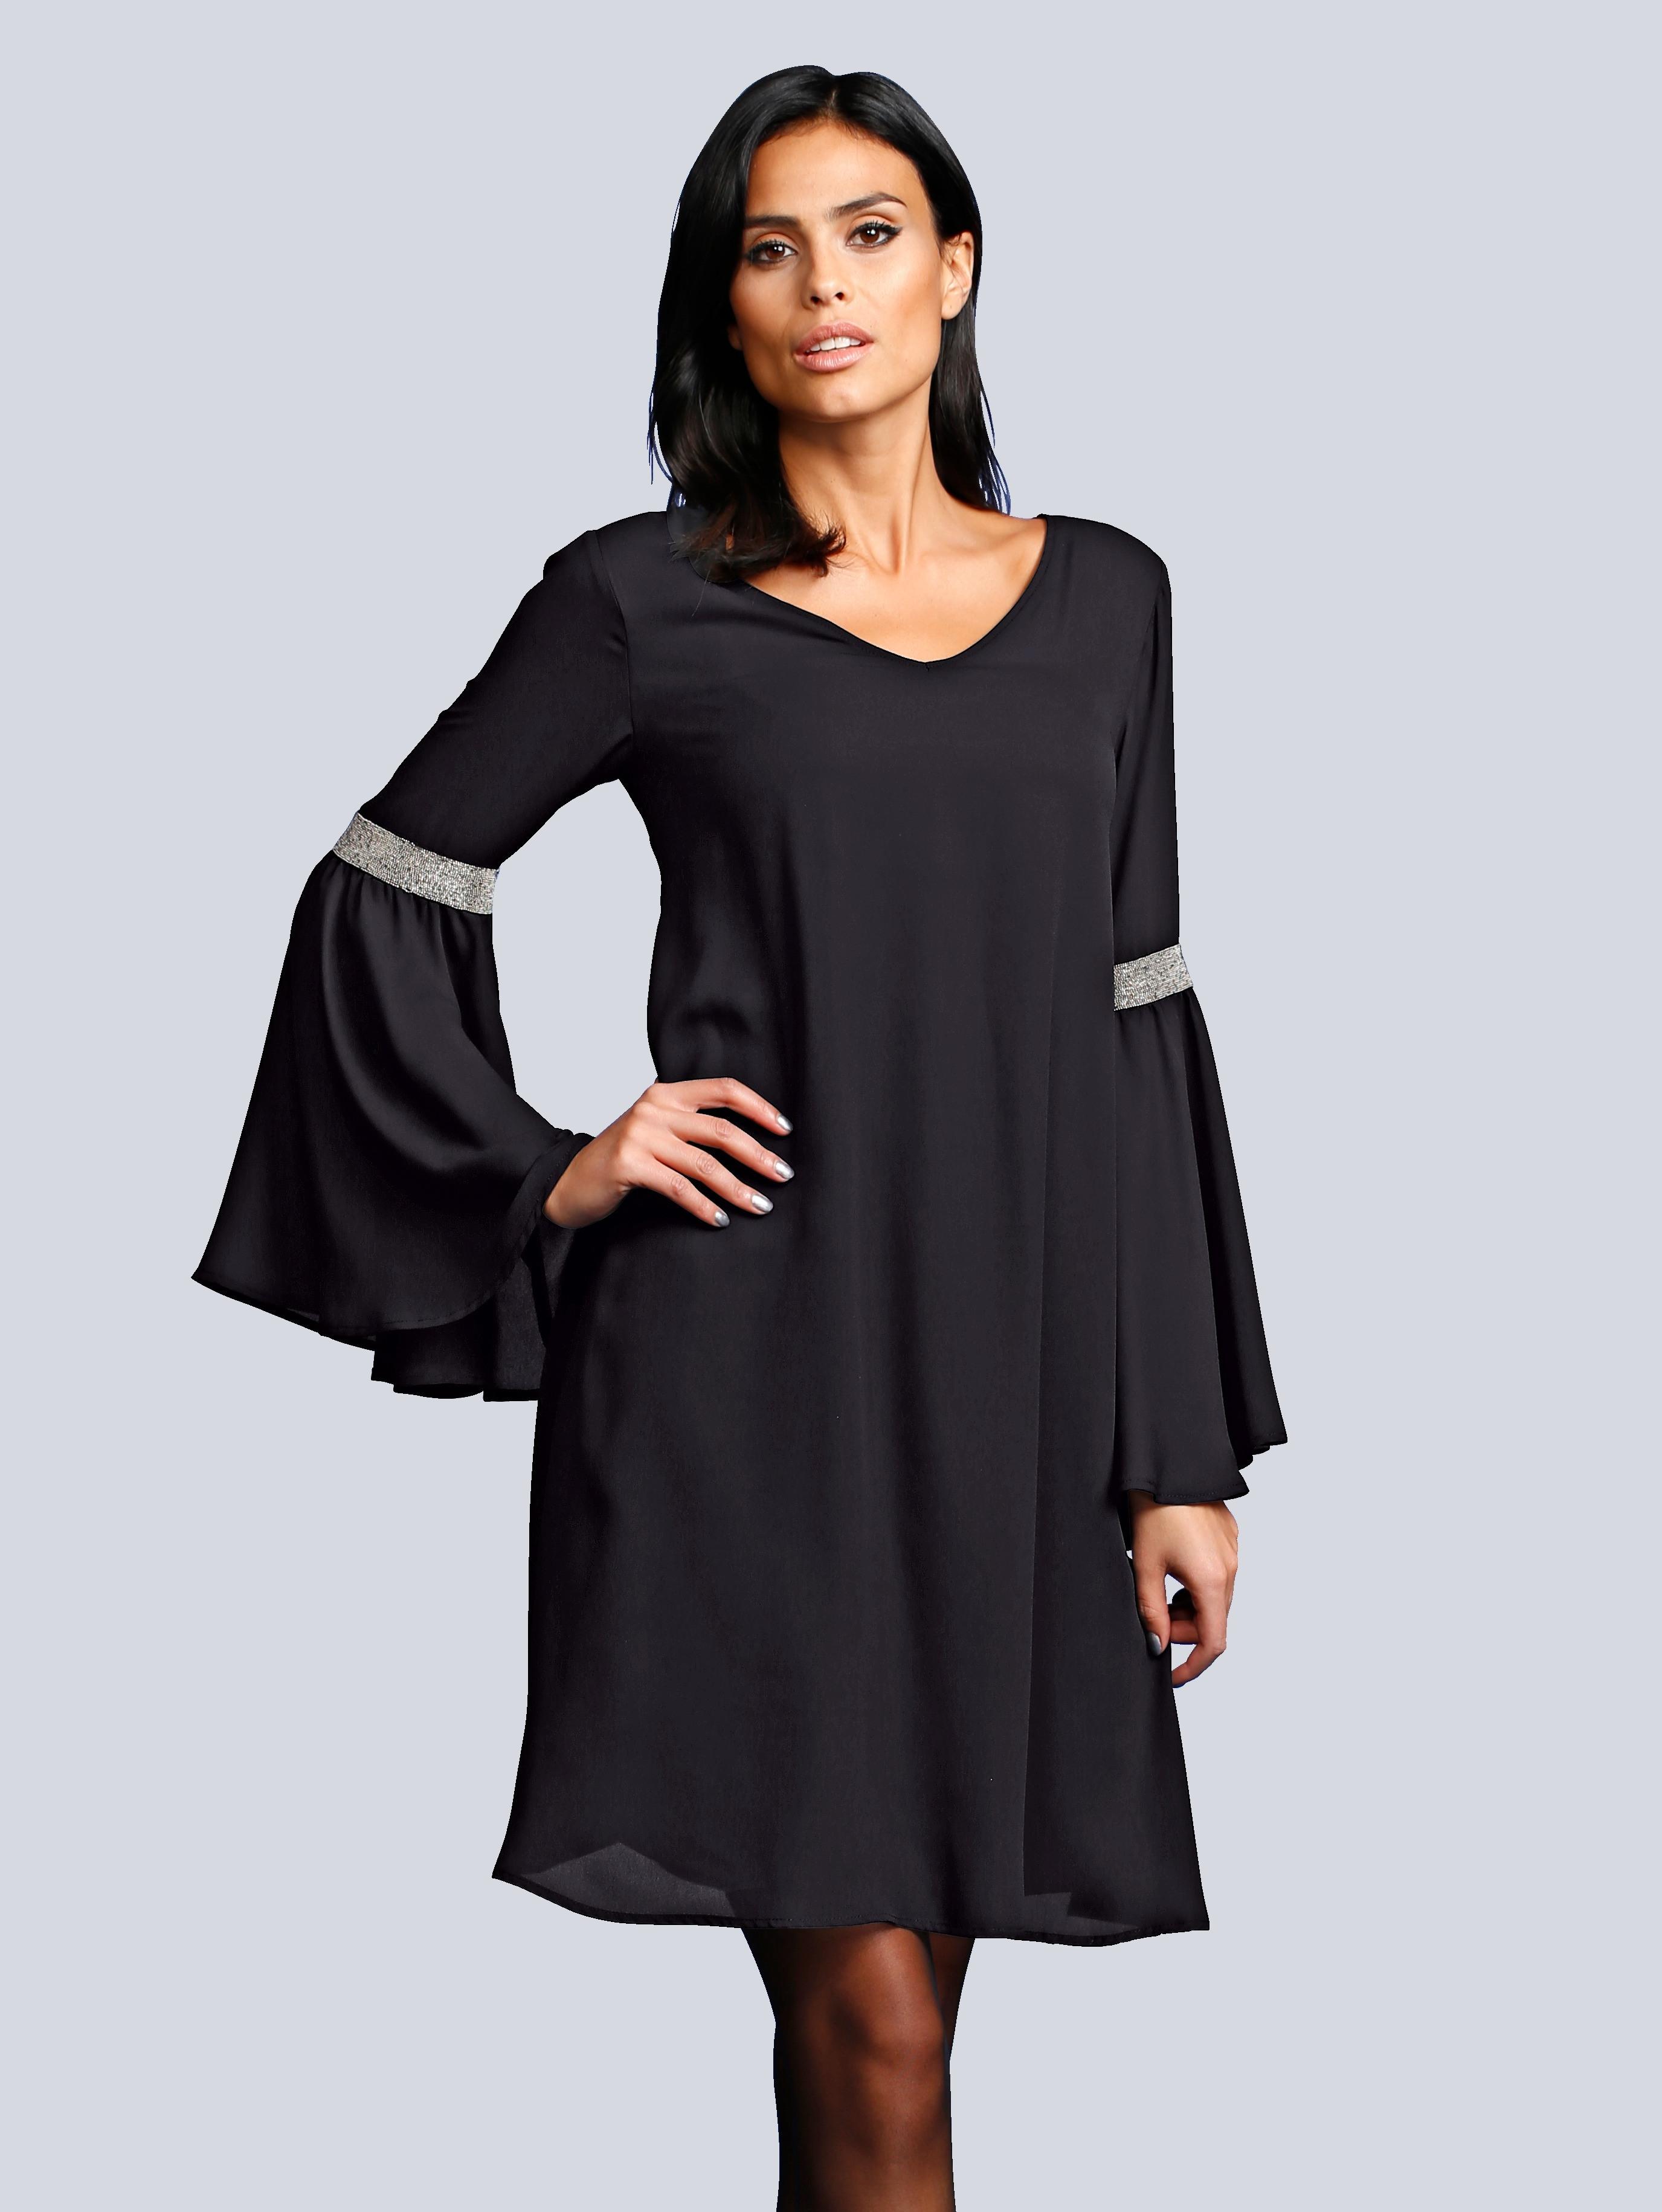 20 Elegant Winterkleid Elegant DesignFormal Einzigartig Winterkleid Elegant Vertrieb